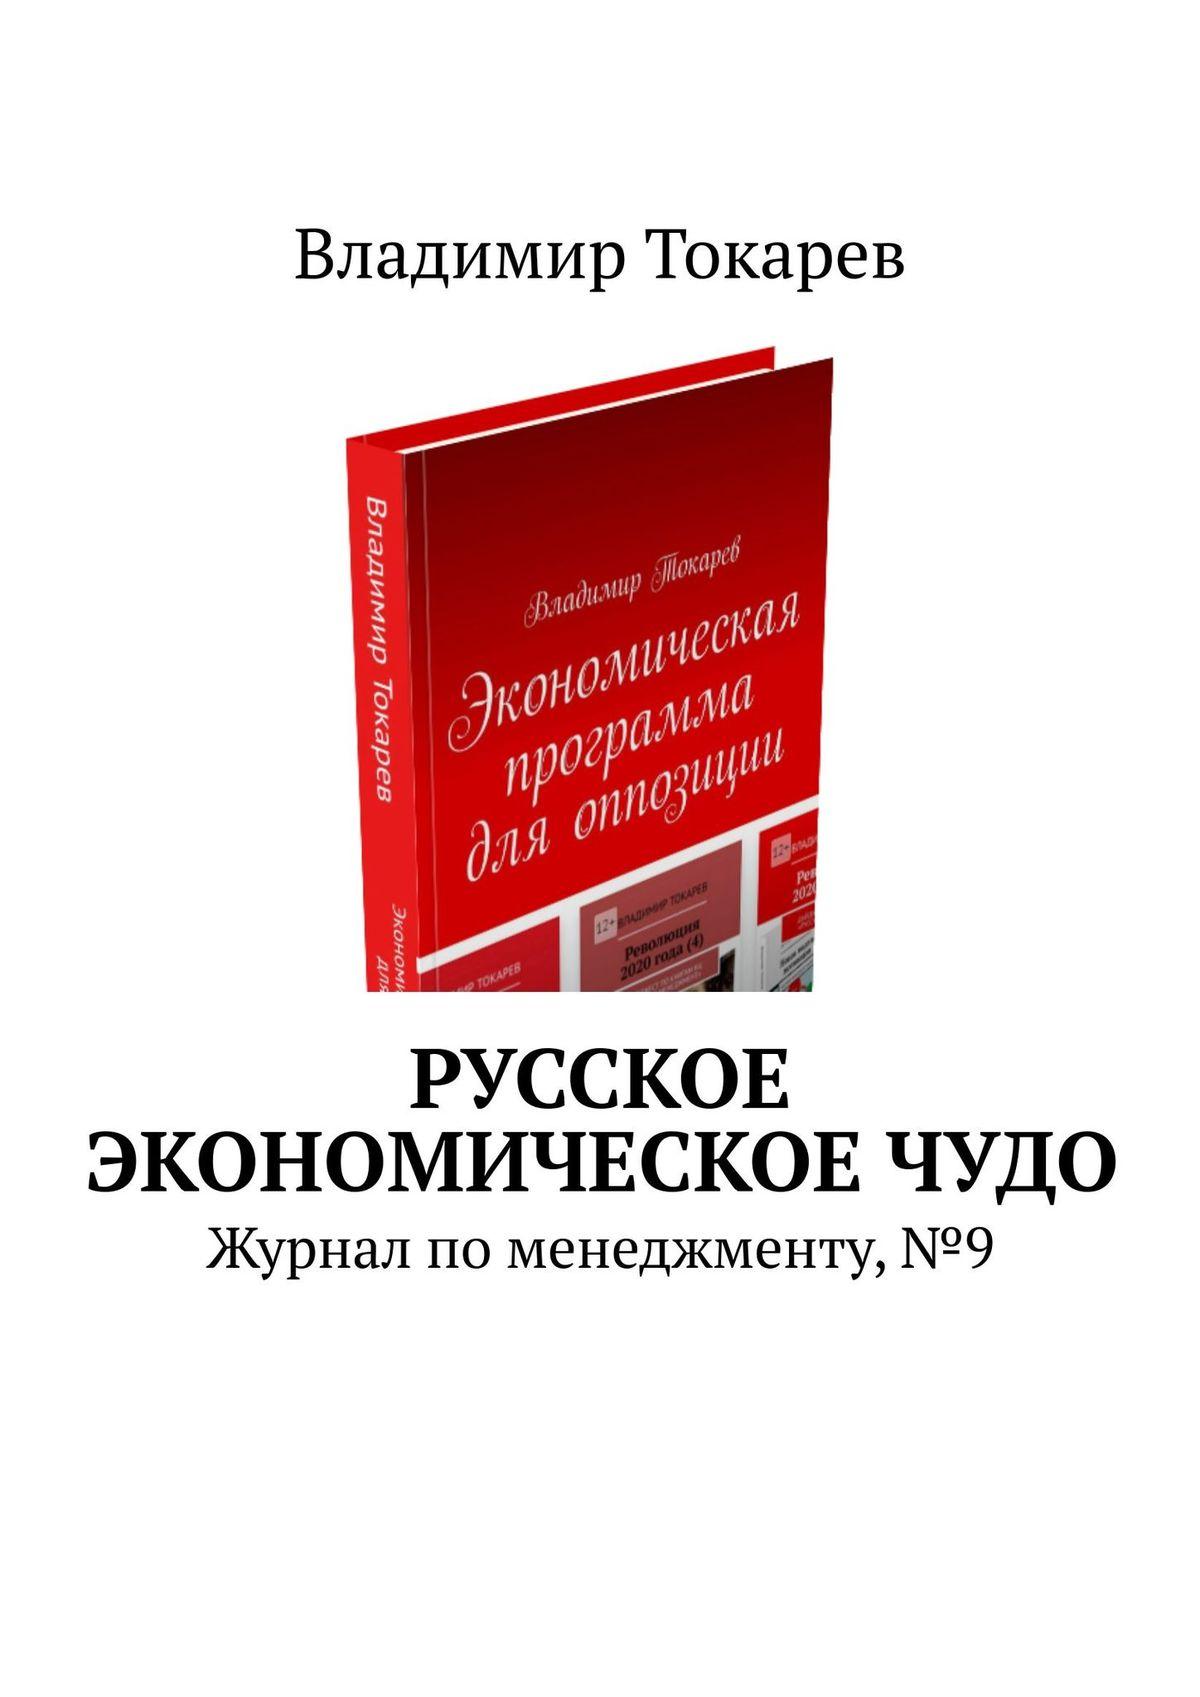 Русское экономическое чудо. Когда, где и как начнется – 61